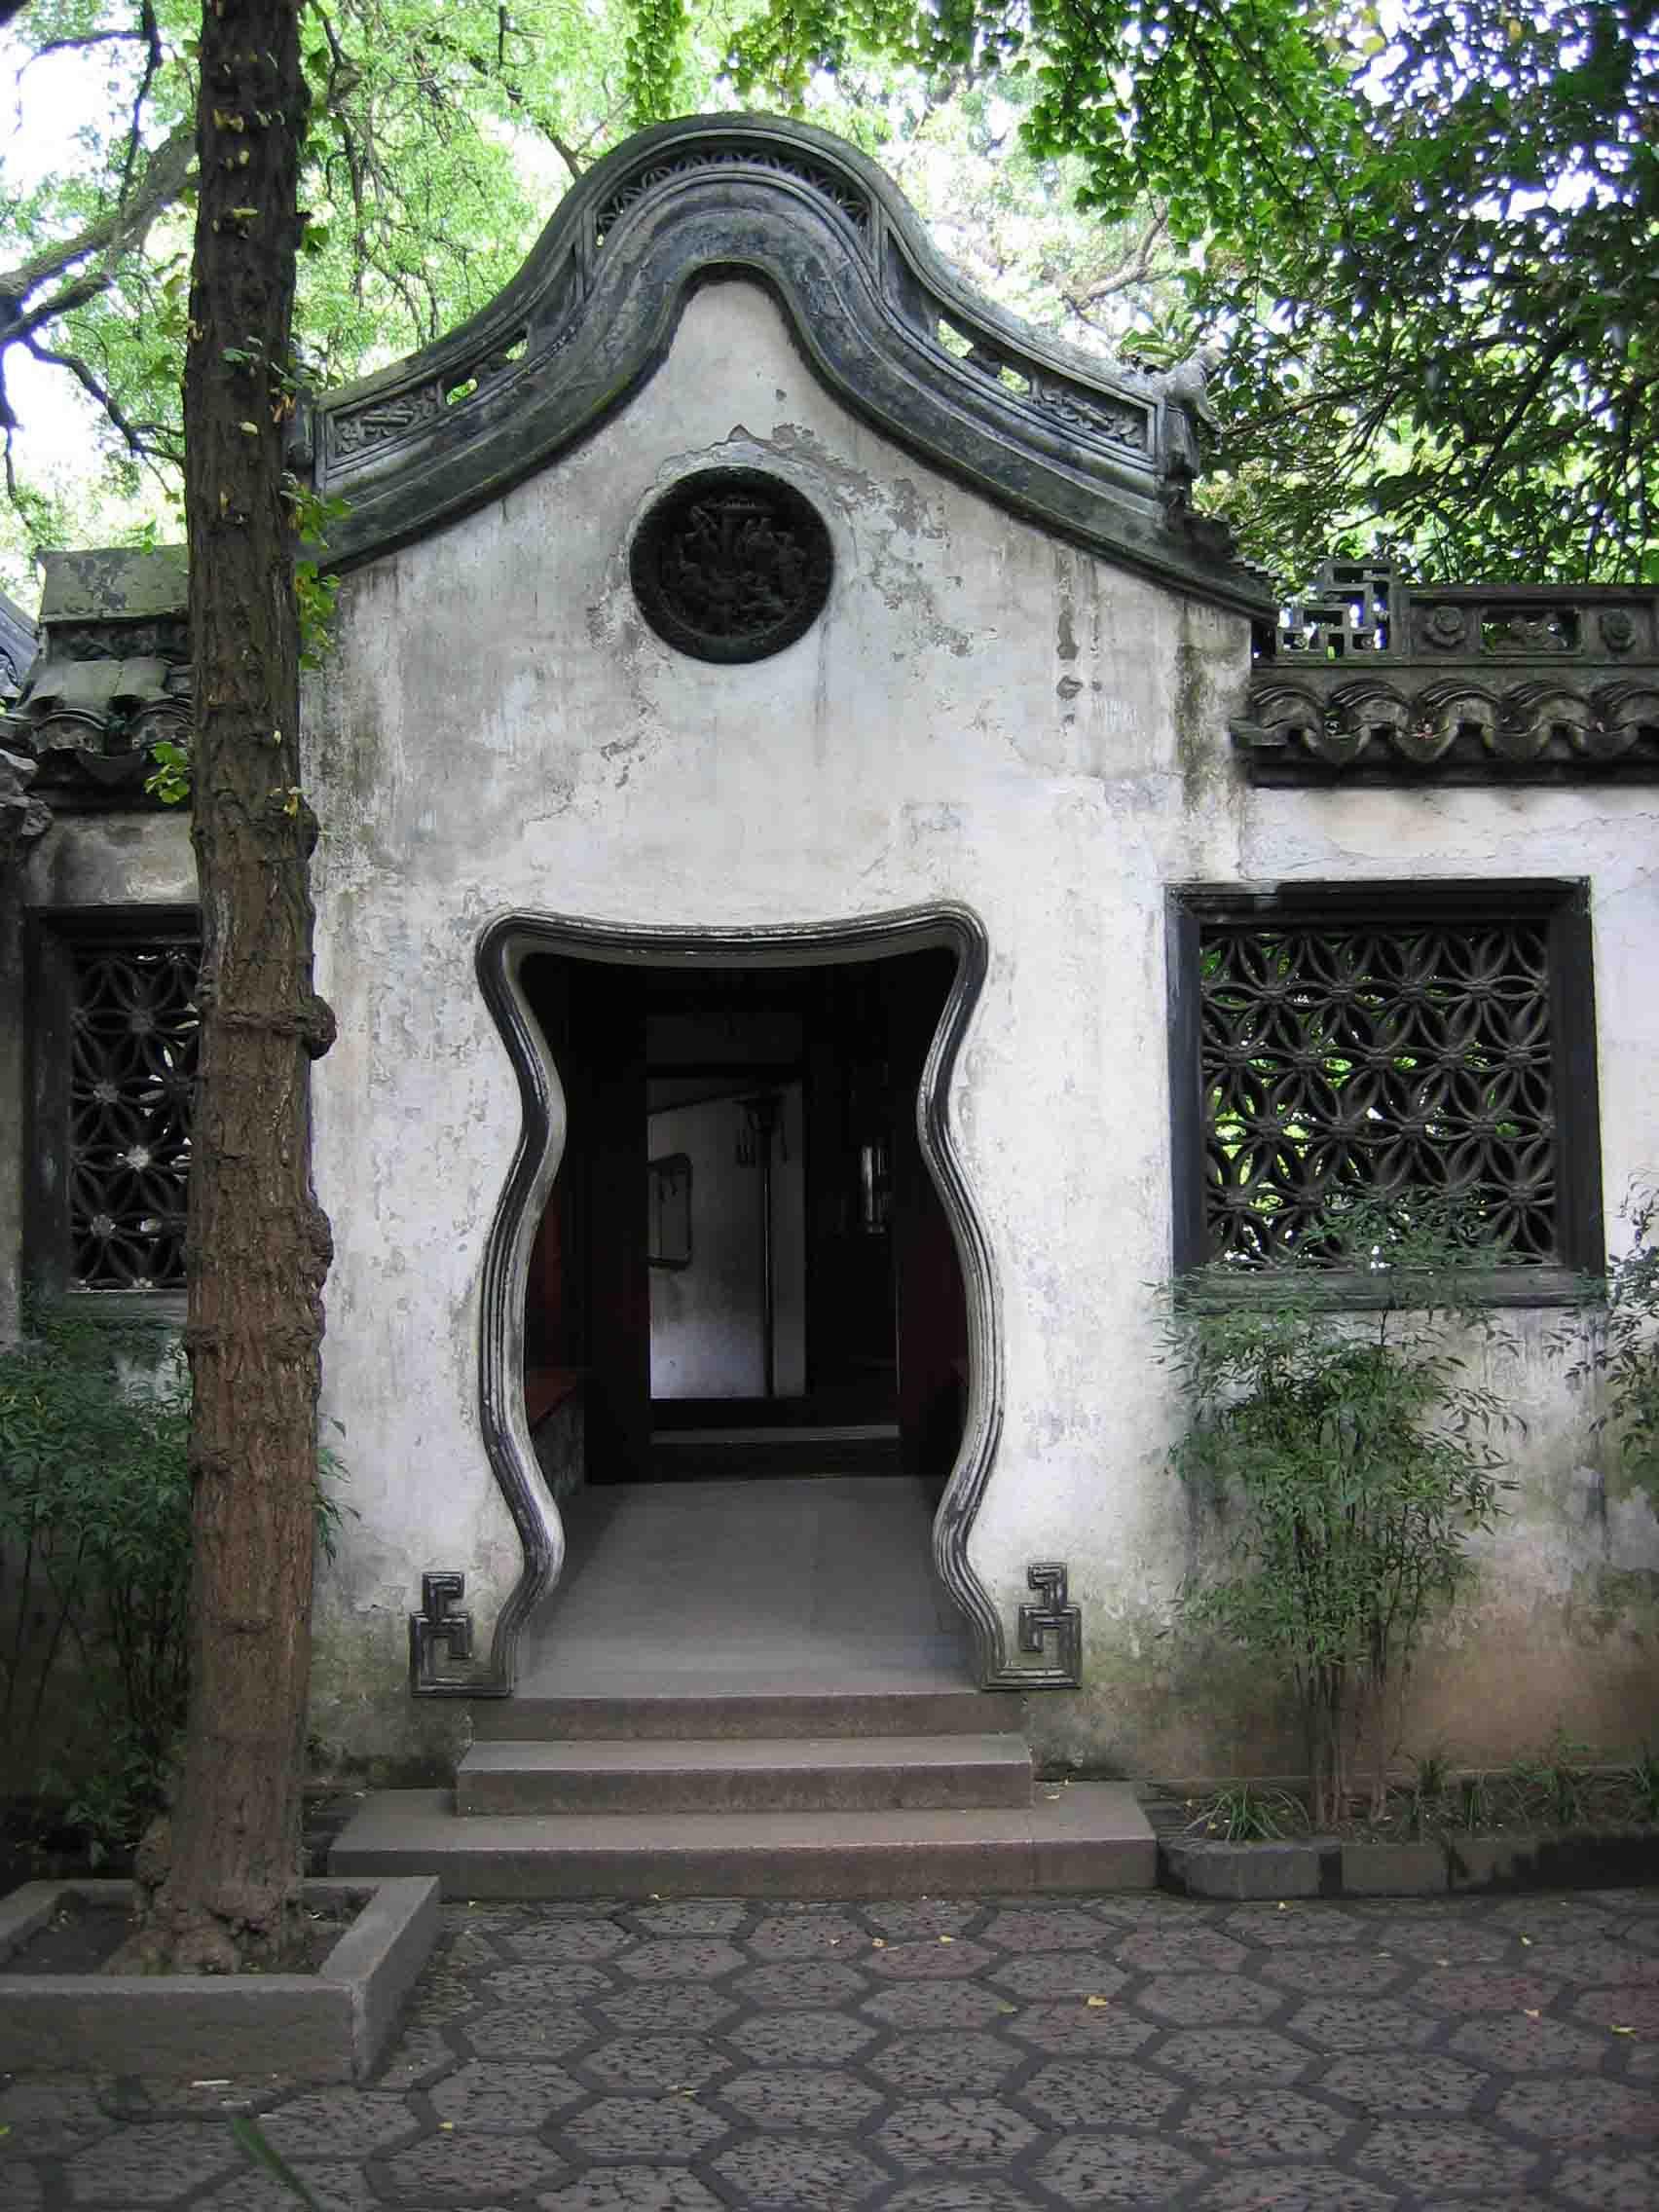 > 上海豫园--中国江南古典私家园林建筑风格的典型代表作